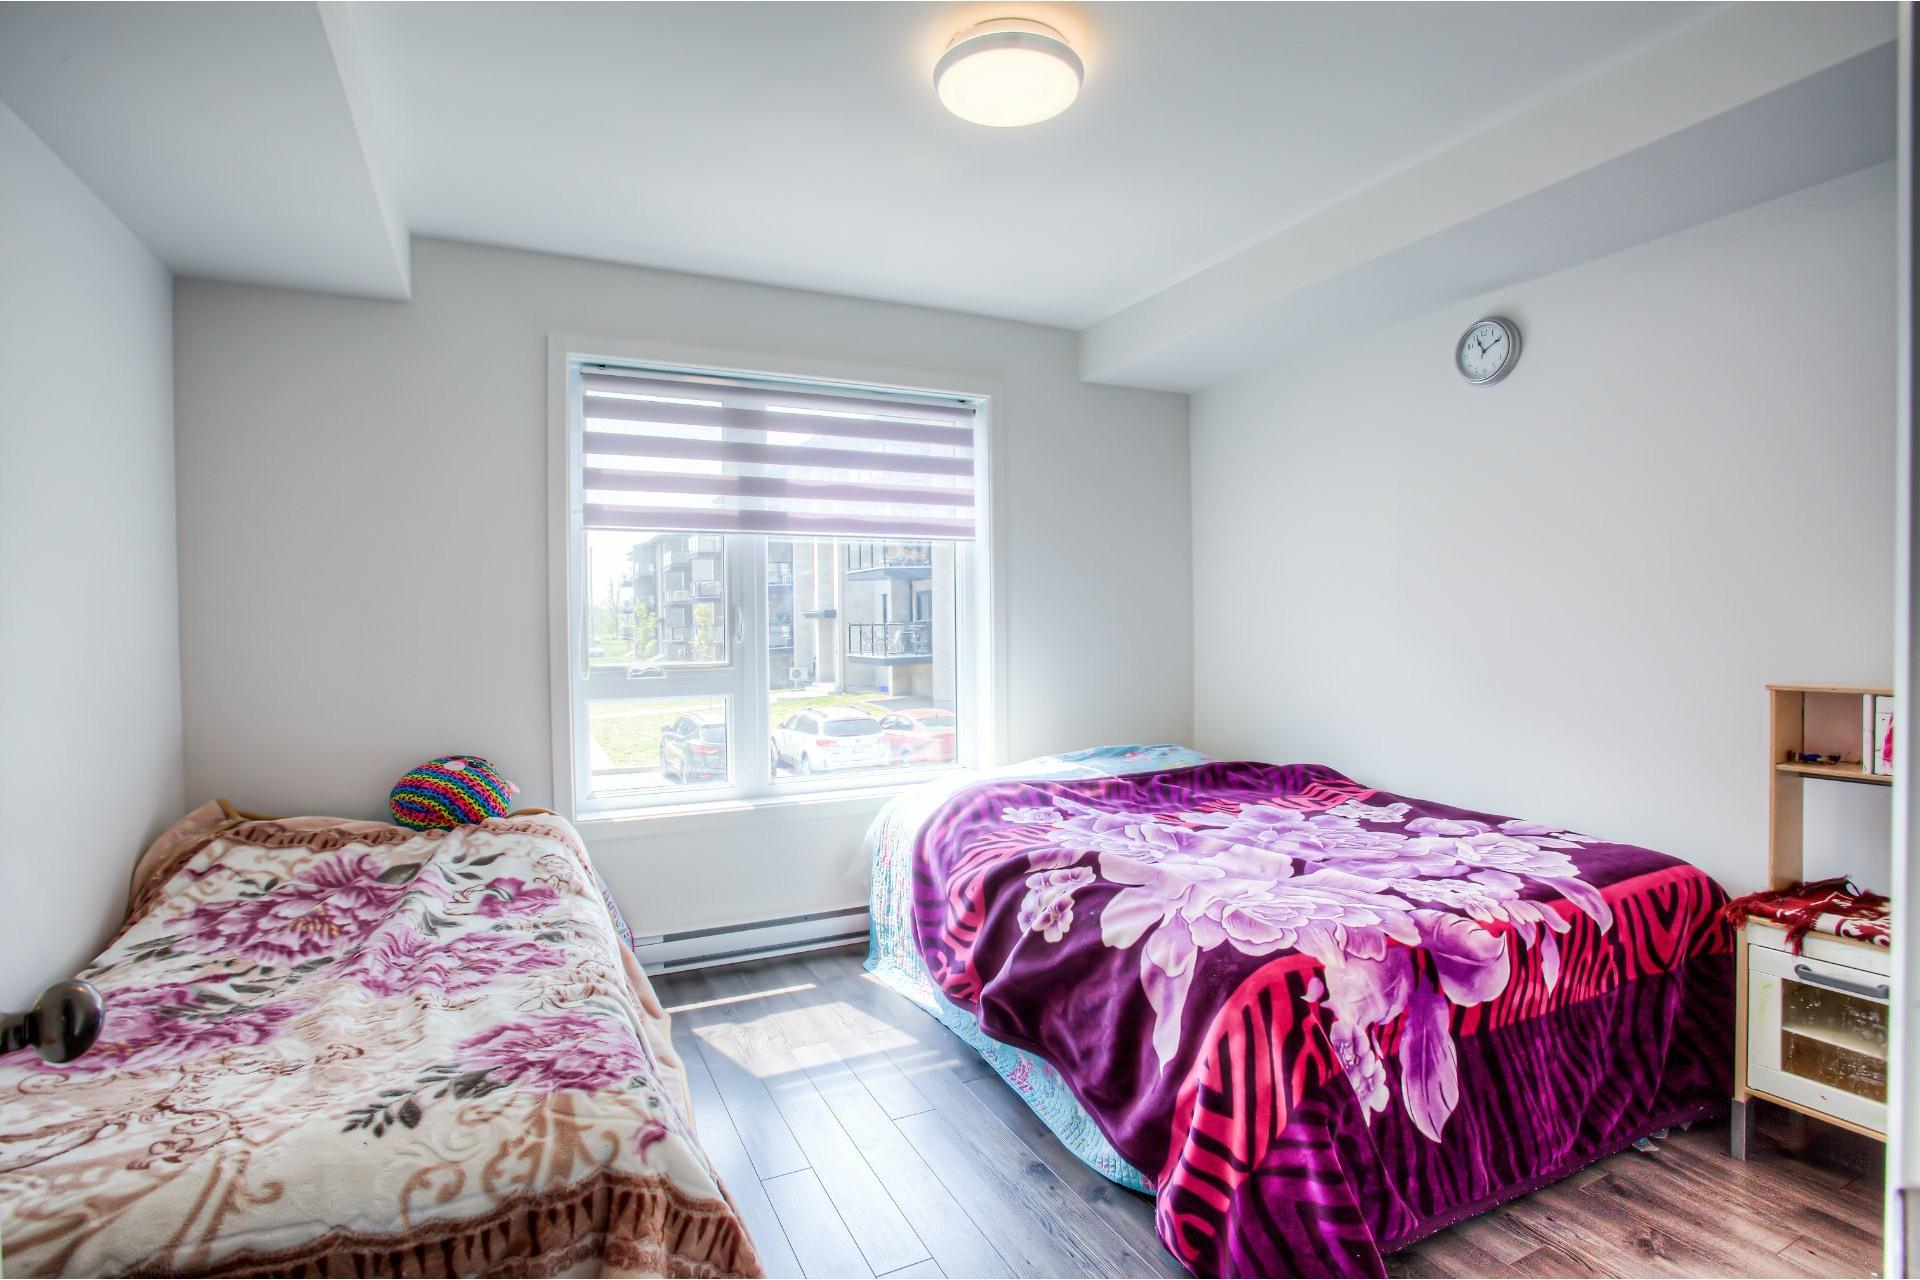 image 12 - Appartement À vendre Vaudreuil-Dorion - 6 pièces